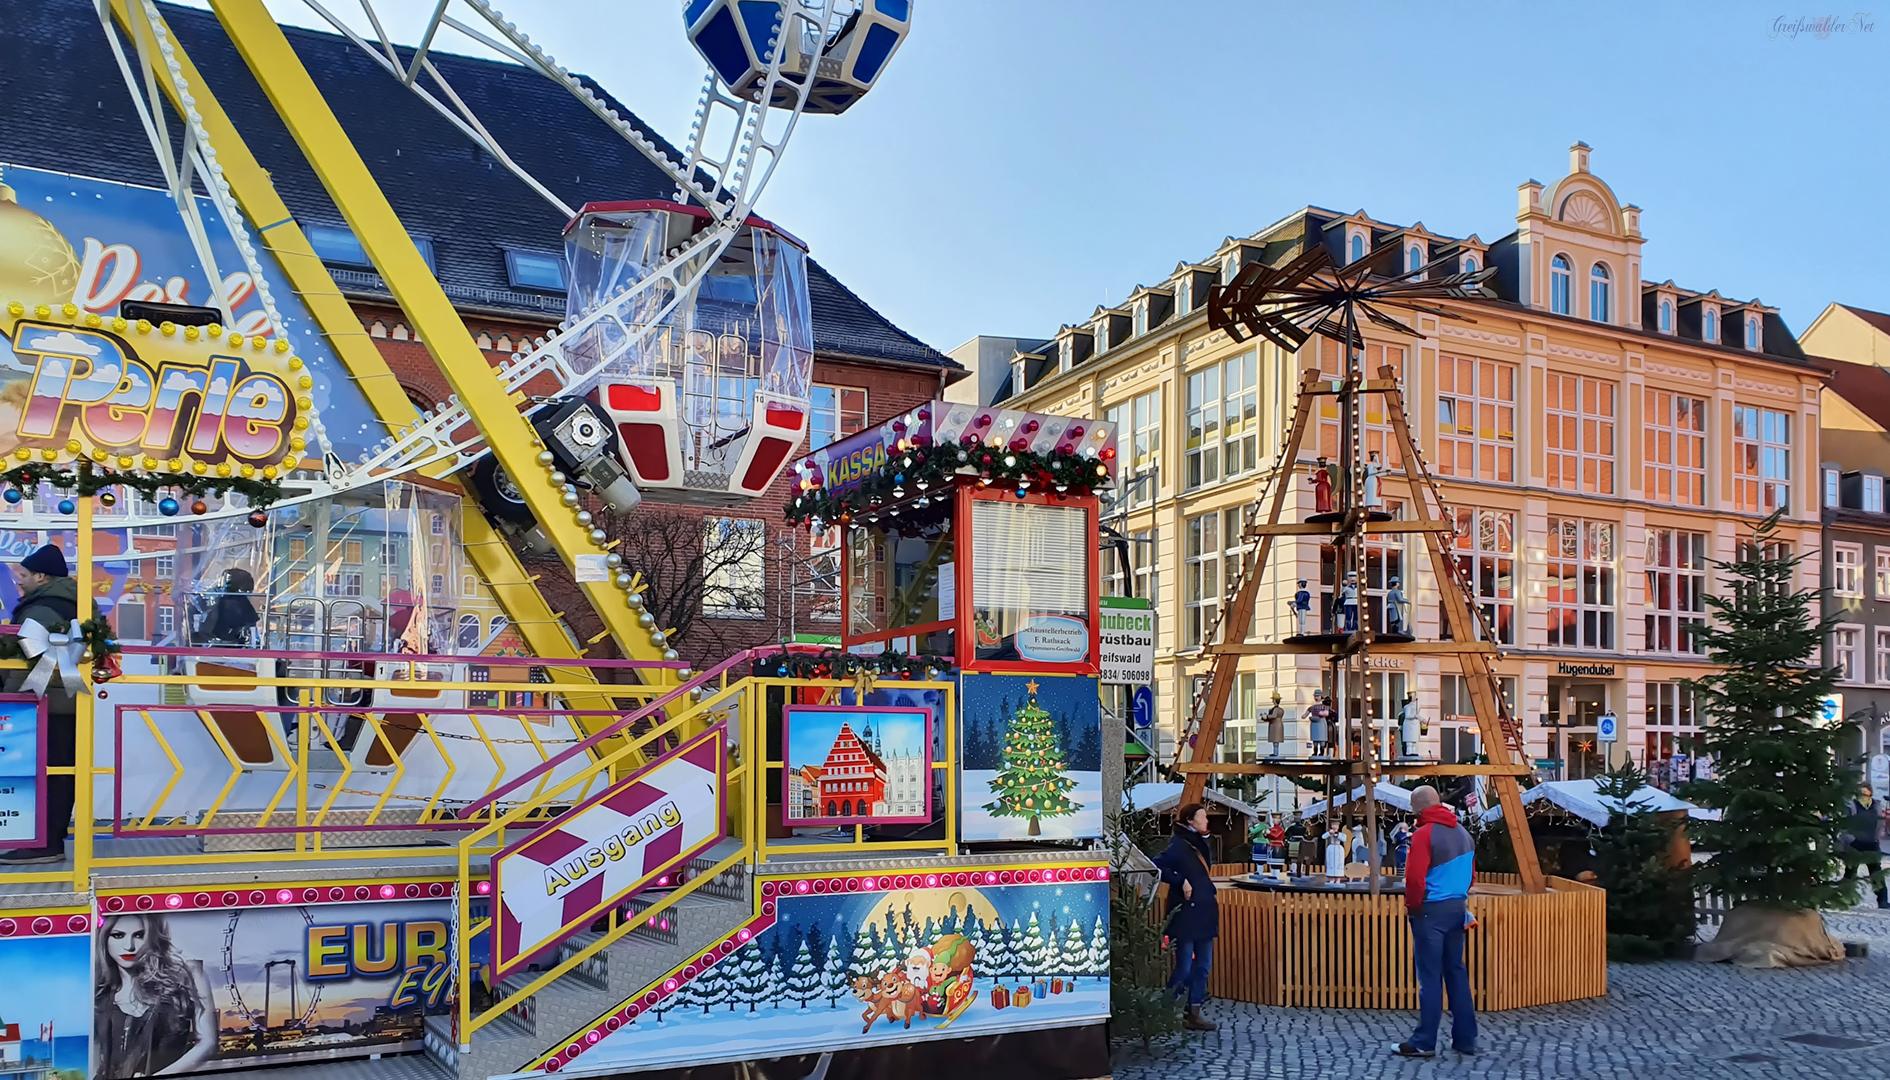 Riesenrad und Weihnachtspyramide auf dem Weihnachtsmarkt Greifswald